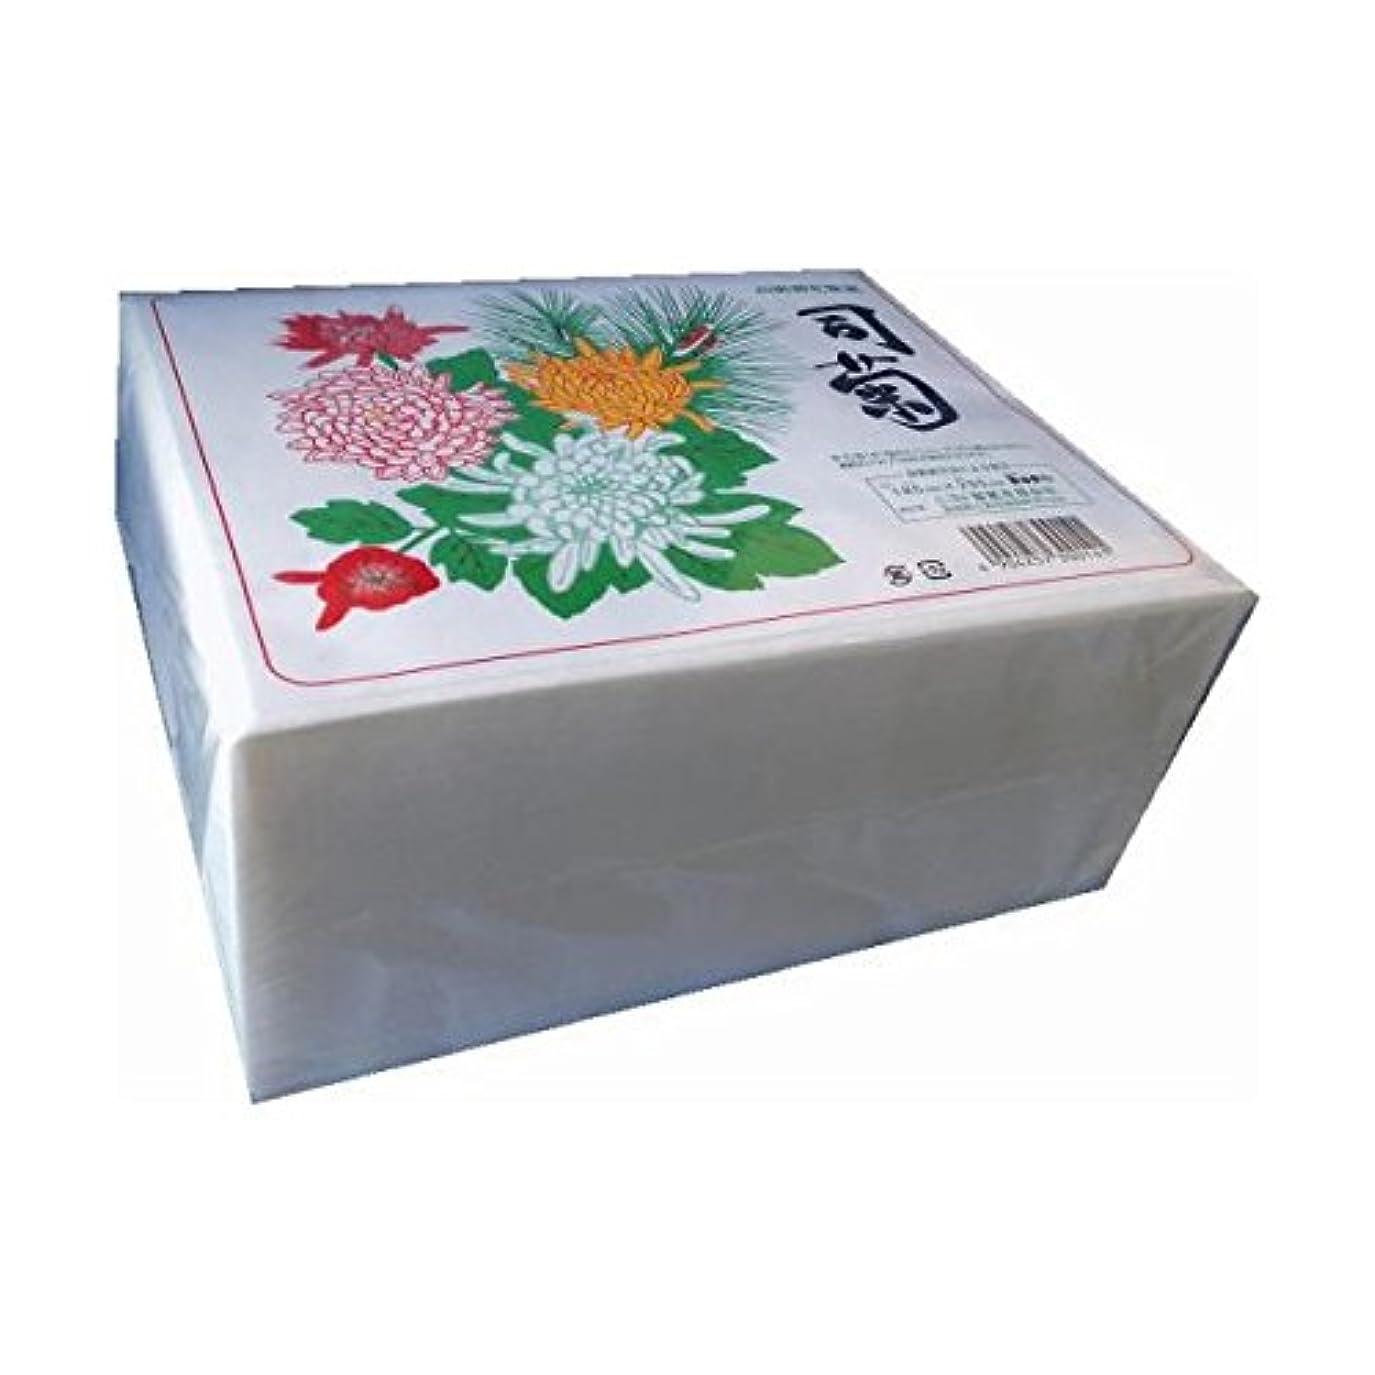 ゆるい容器悪性ニヨド製紙:高級御化粧紙 司菊 800枚 5個 4904257300141b